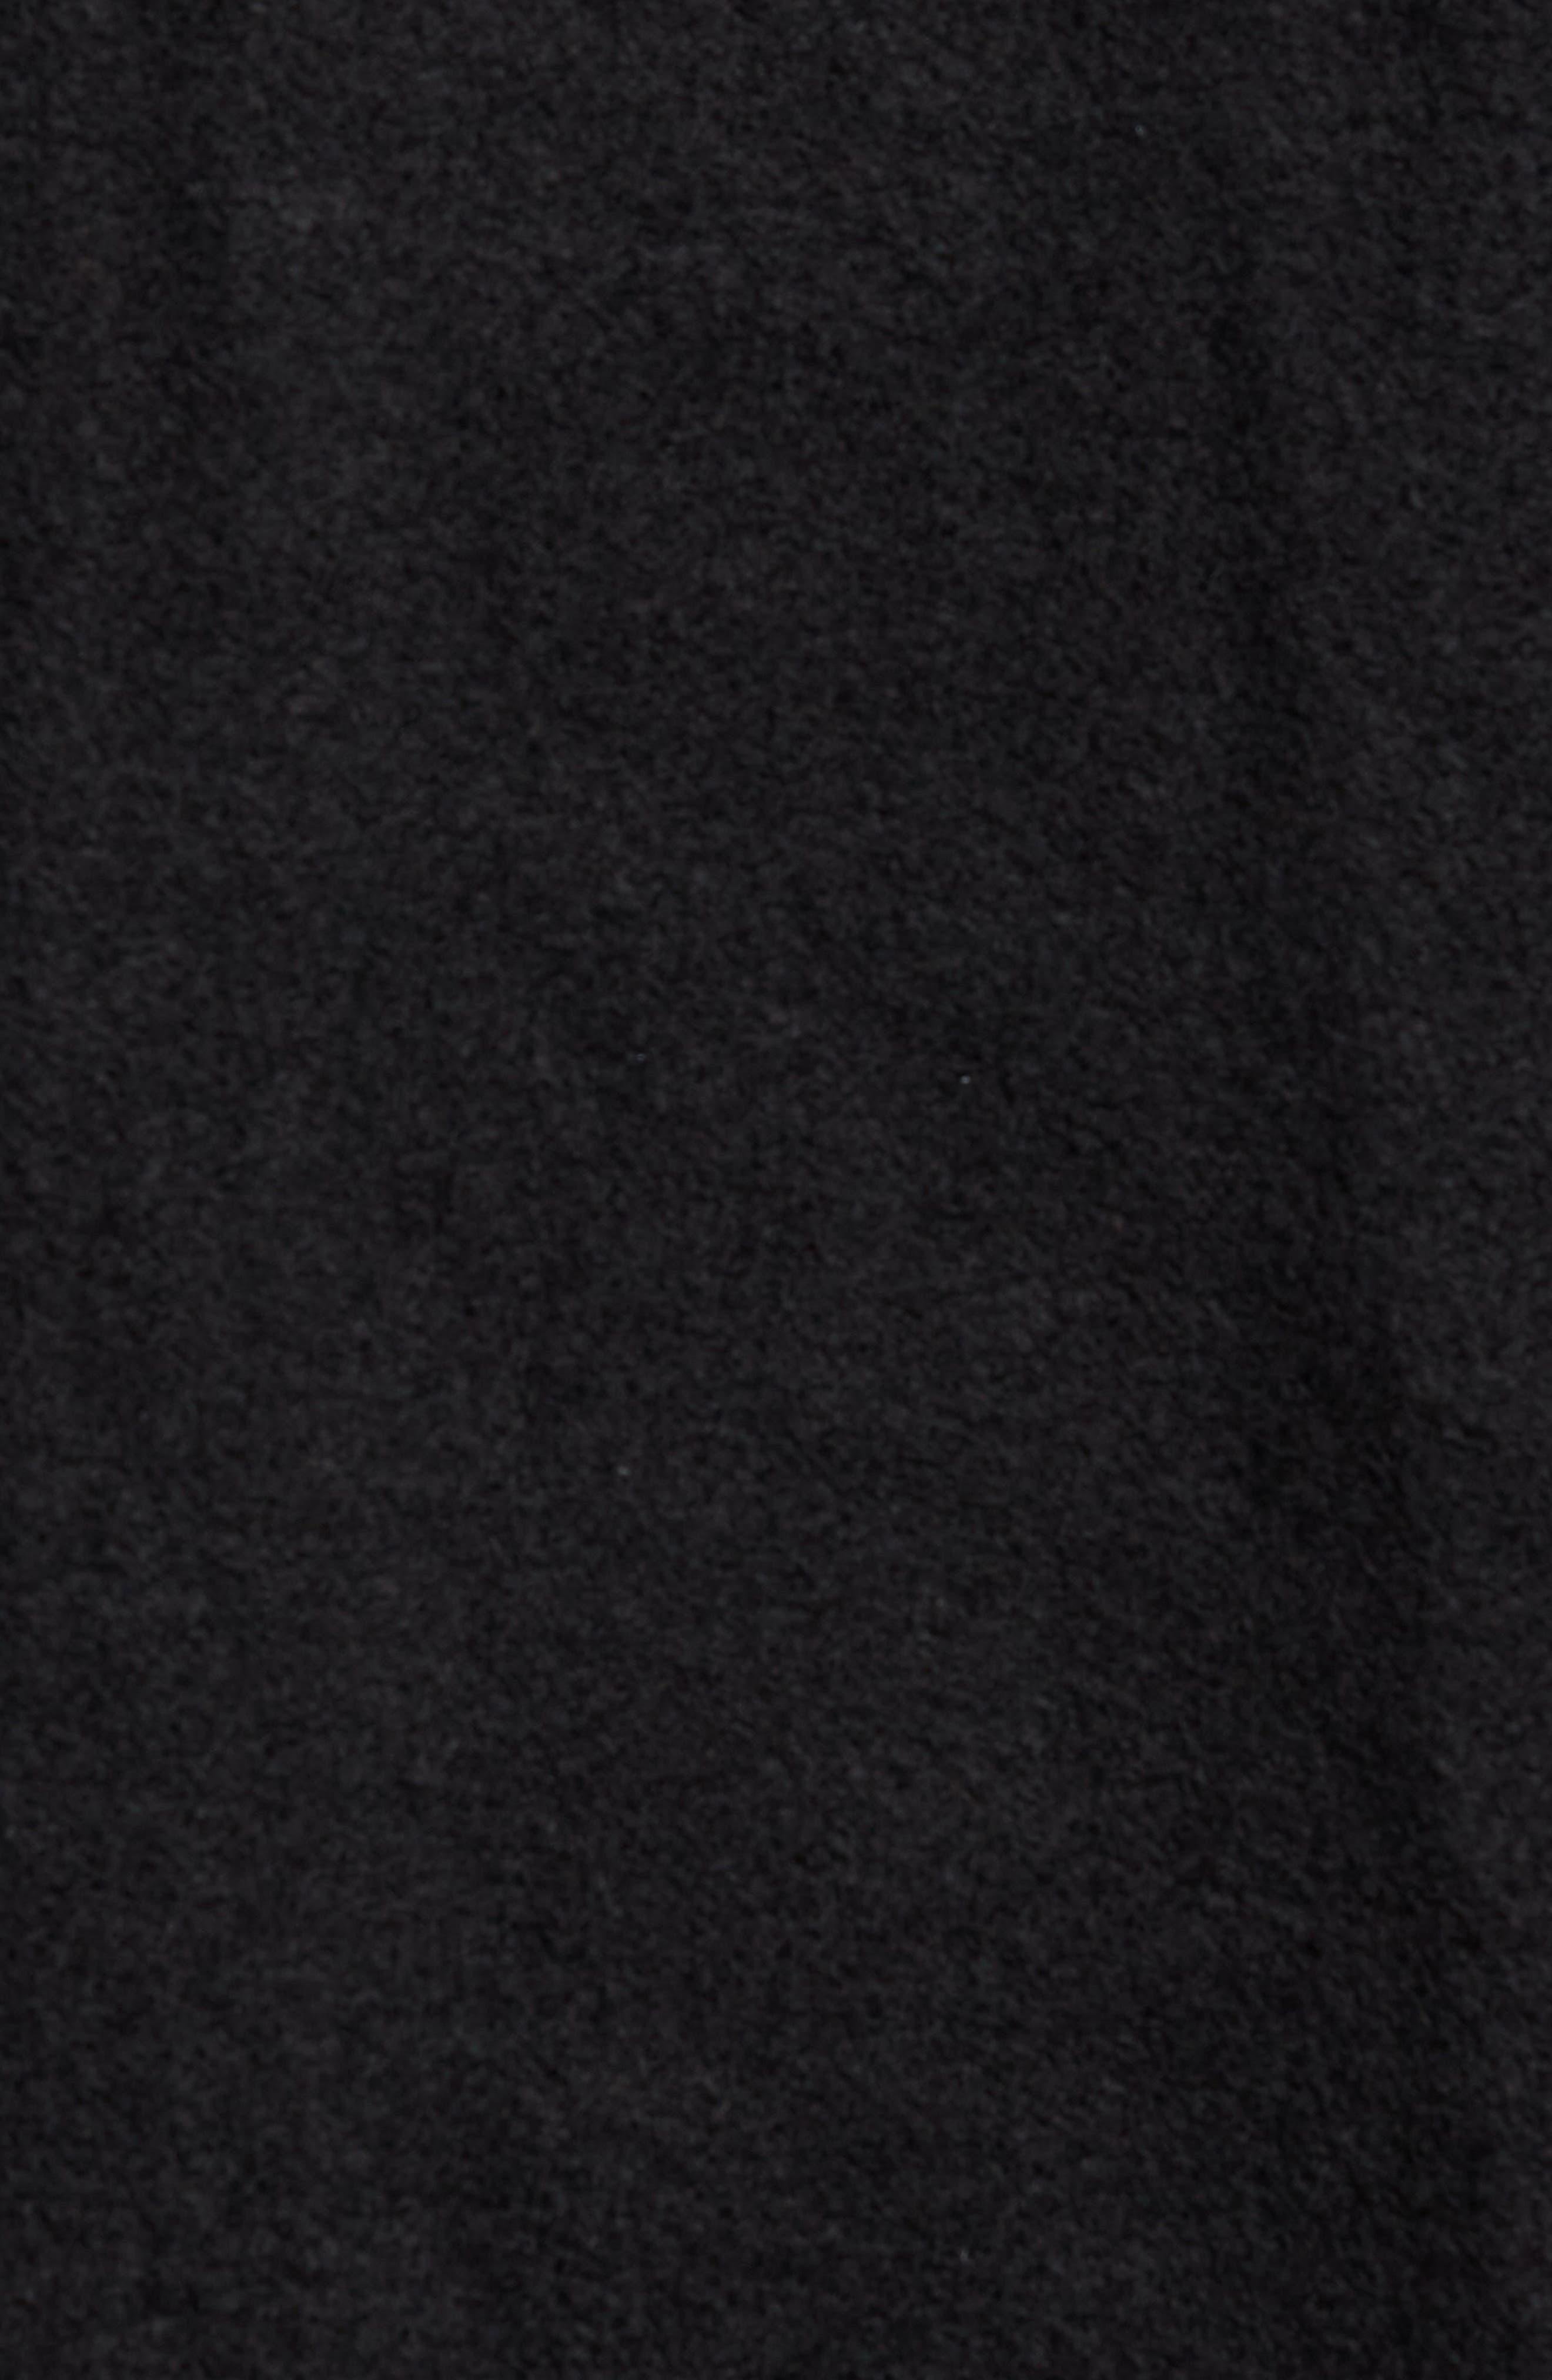 Burch Eye Hoodie Sweatshirt,                             Alternate thumbnail 5, color,